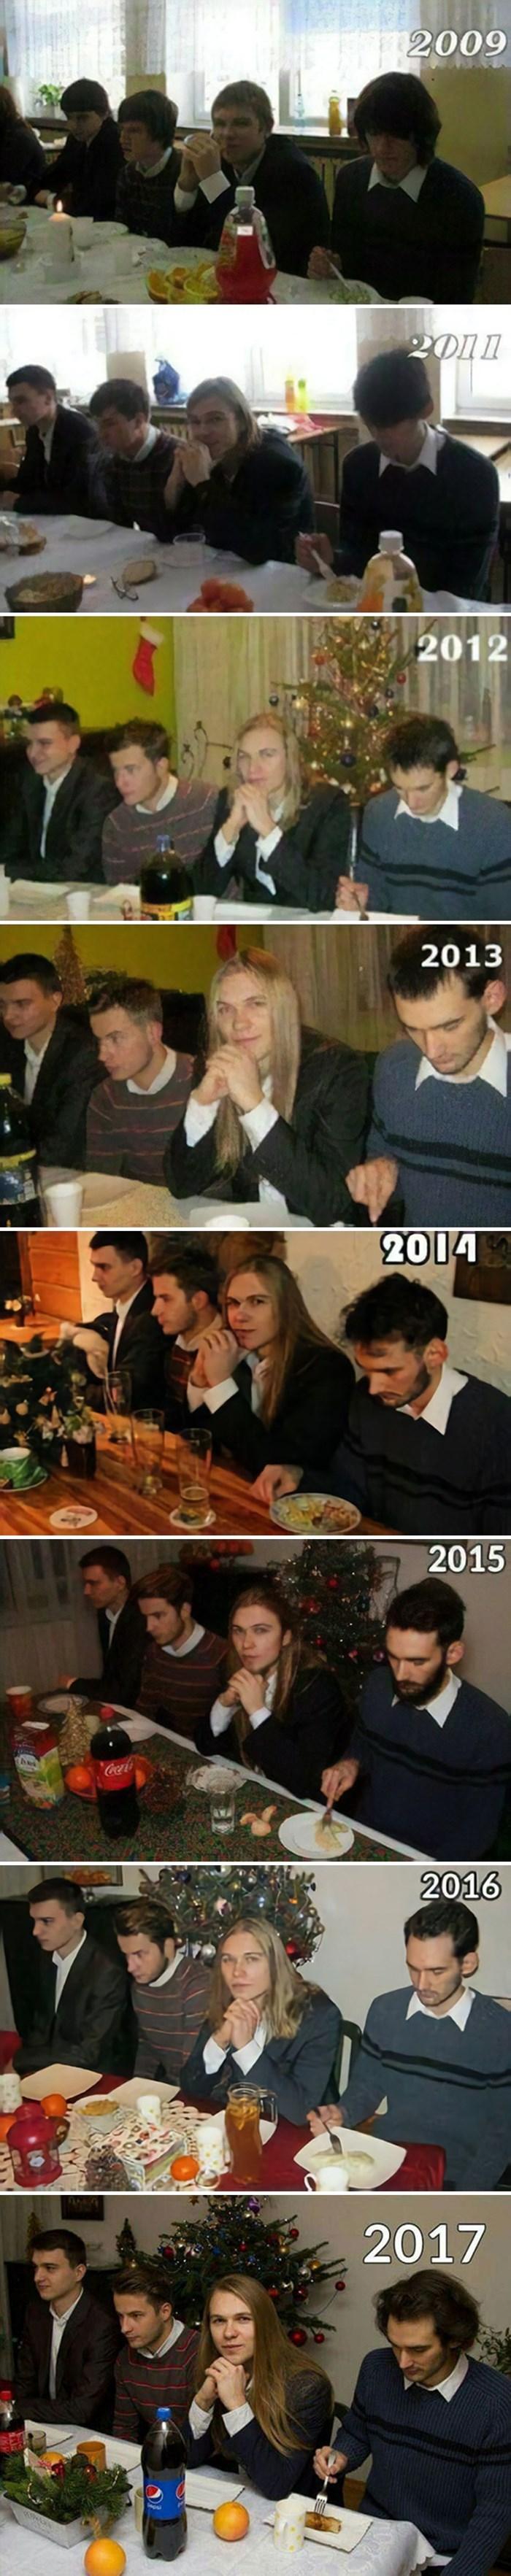 Ovi prijatelji svake godine slikaju potpuno istu božićnu fotografiju, za ideju su dobili puno pohvala na internetu